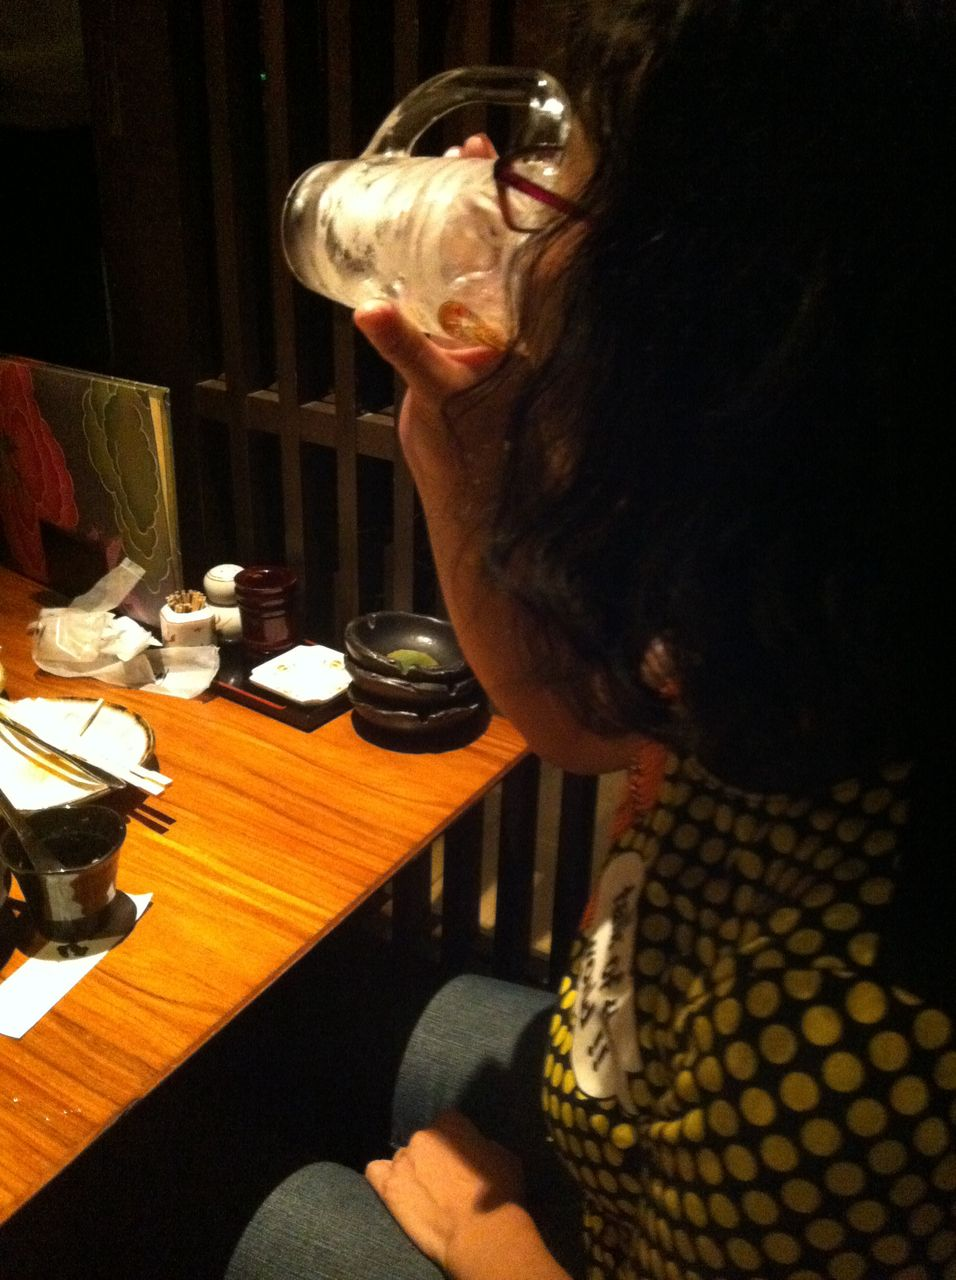 遠藤遊佐 オナニー 1人エッチ オーガズム 潮吹き 普通の女の子のエッチ事情 新ヰタ・セクスアリス